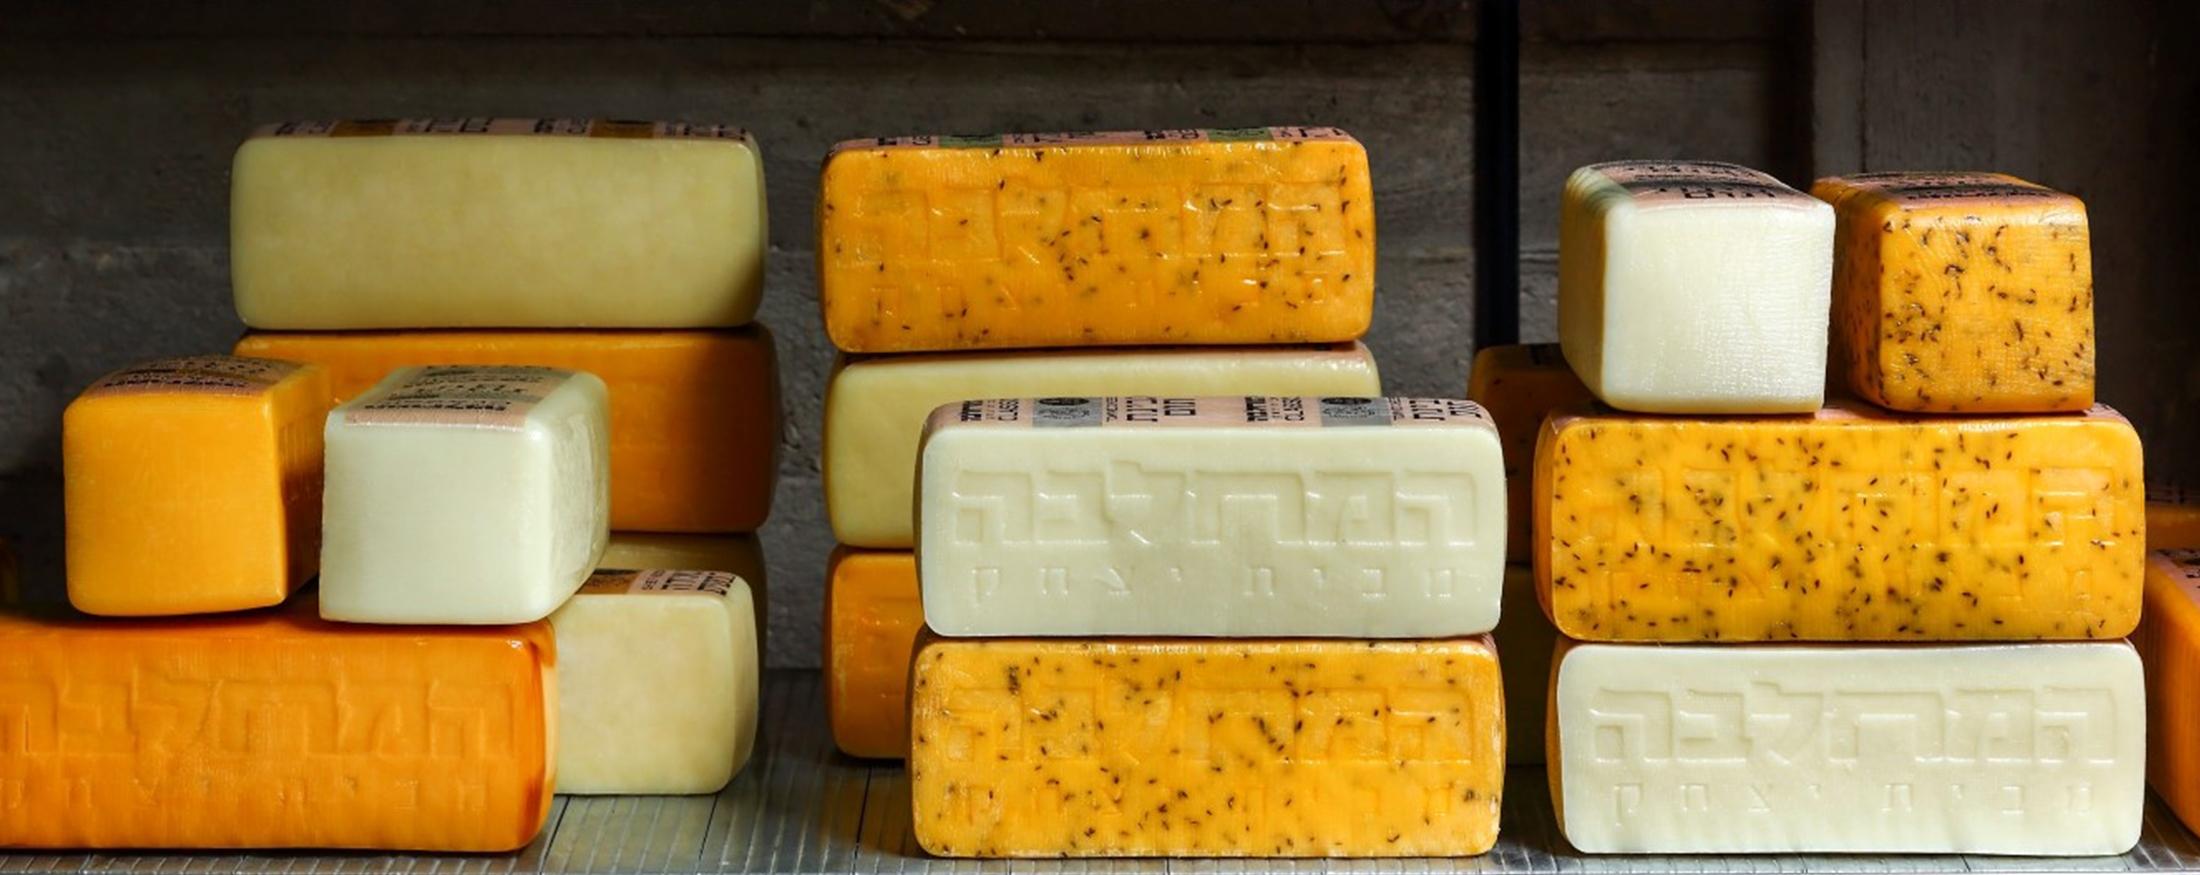 תמונת אווירה - גבינות בחדר אכסון תמונת אווירה - גבינות בחדר אכסון